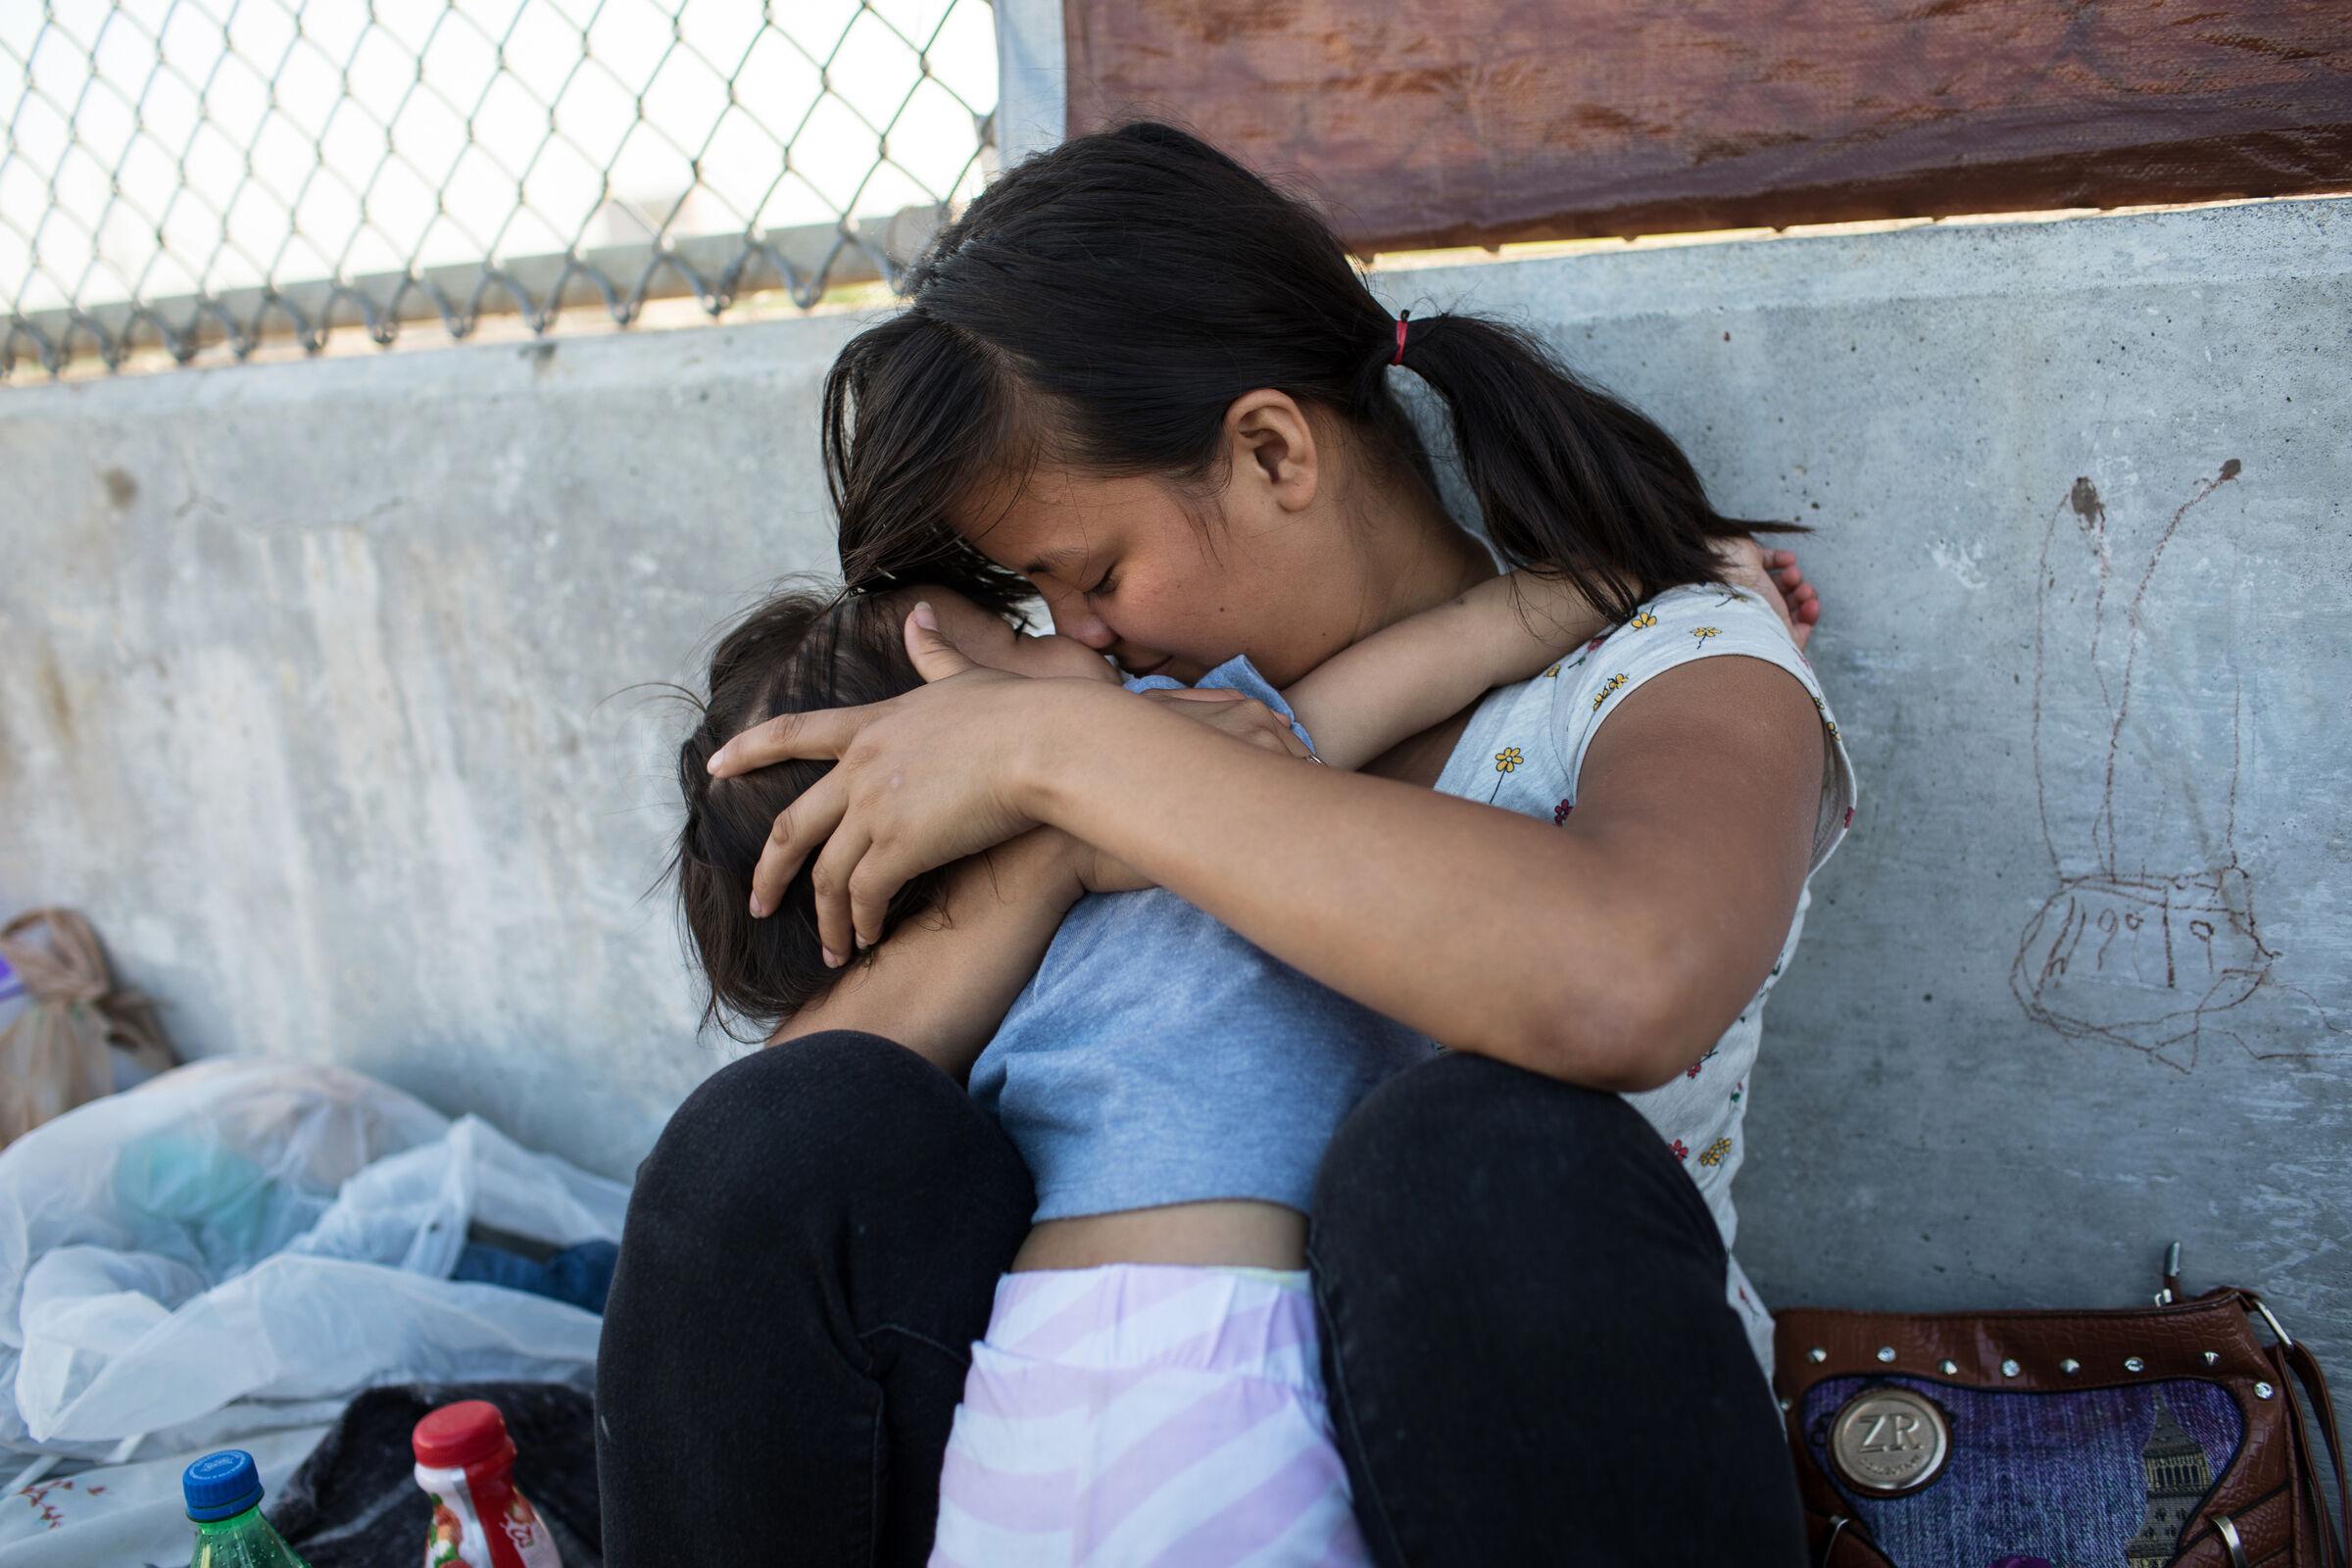 EUA: Só 2 crianças imigrantes menores de 5 anos foram reunidas à família